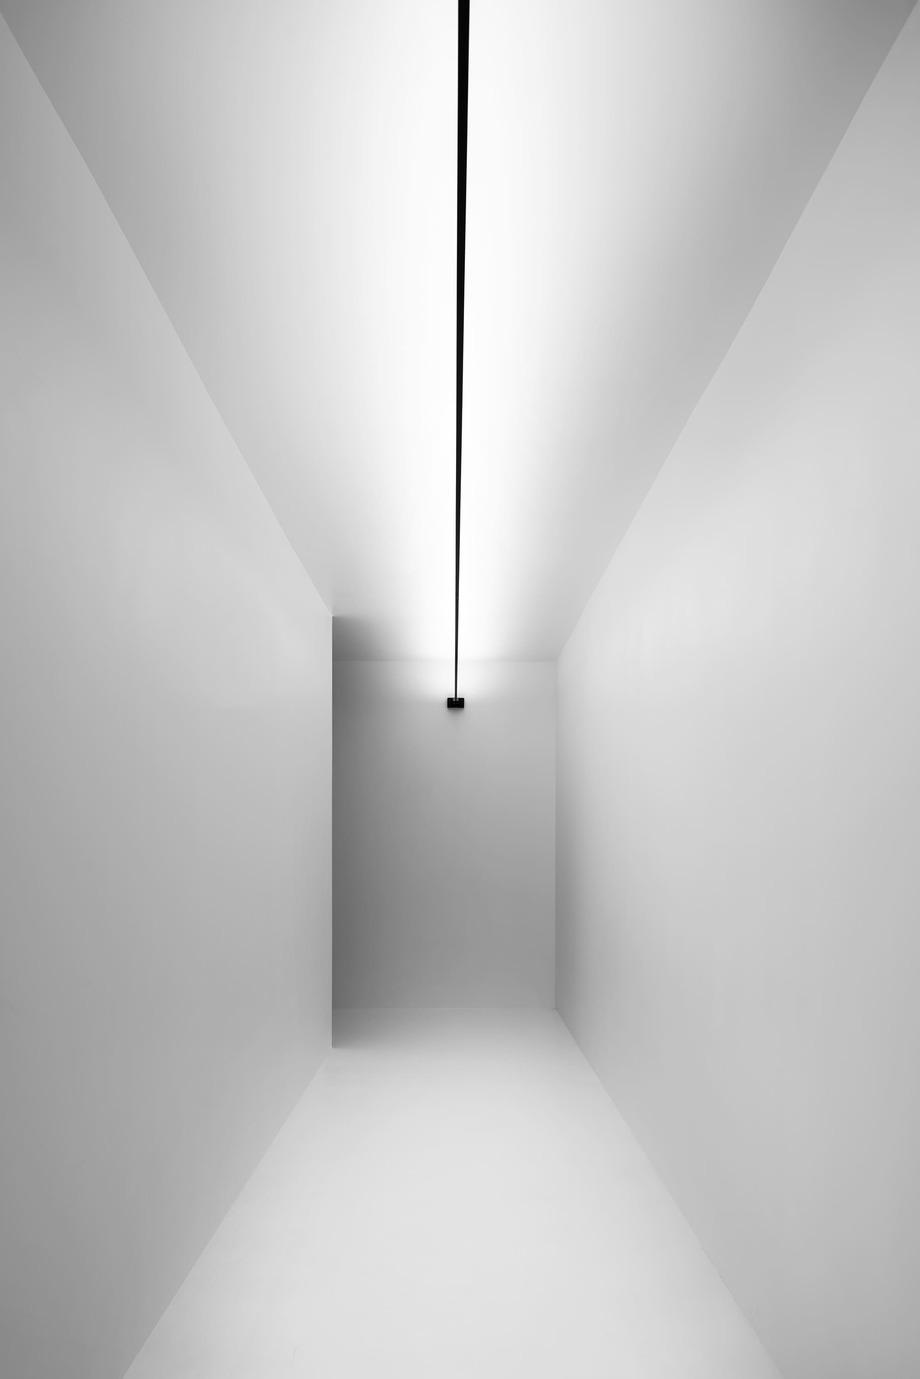 showroom de jst architecture (5) - foto he chuan